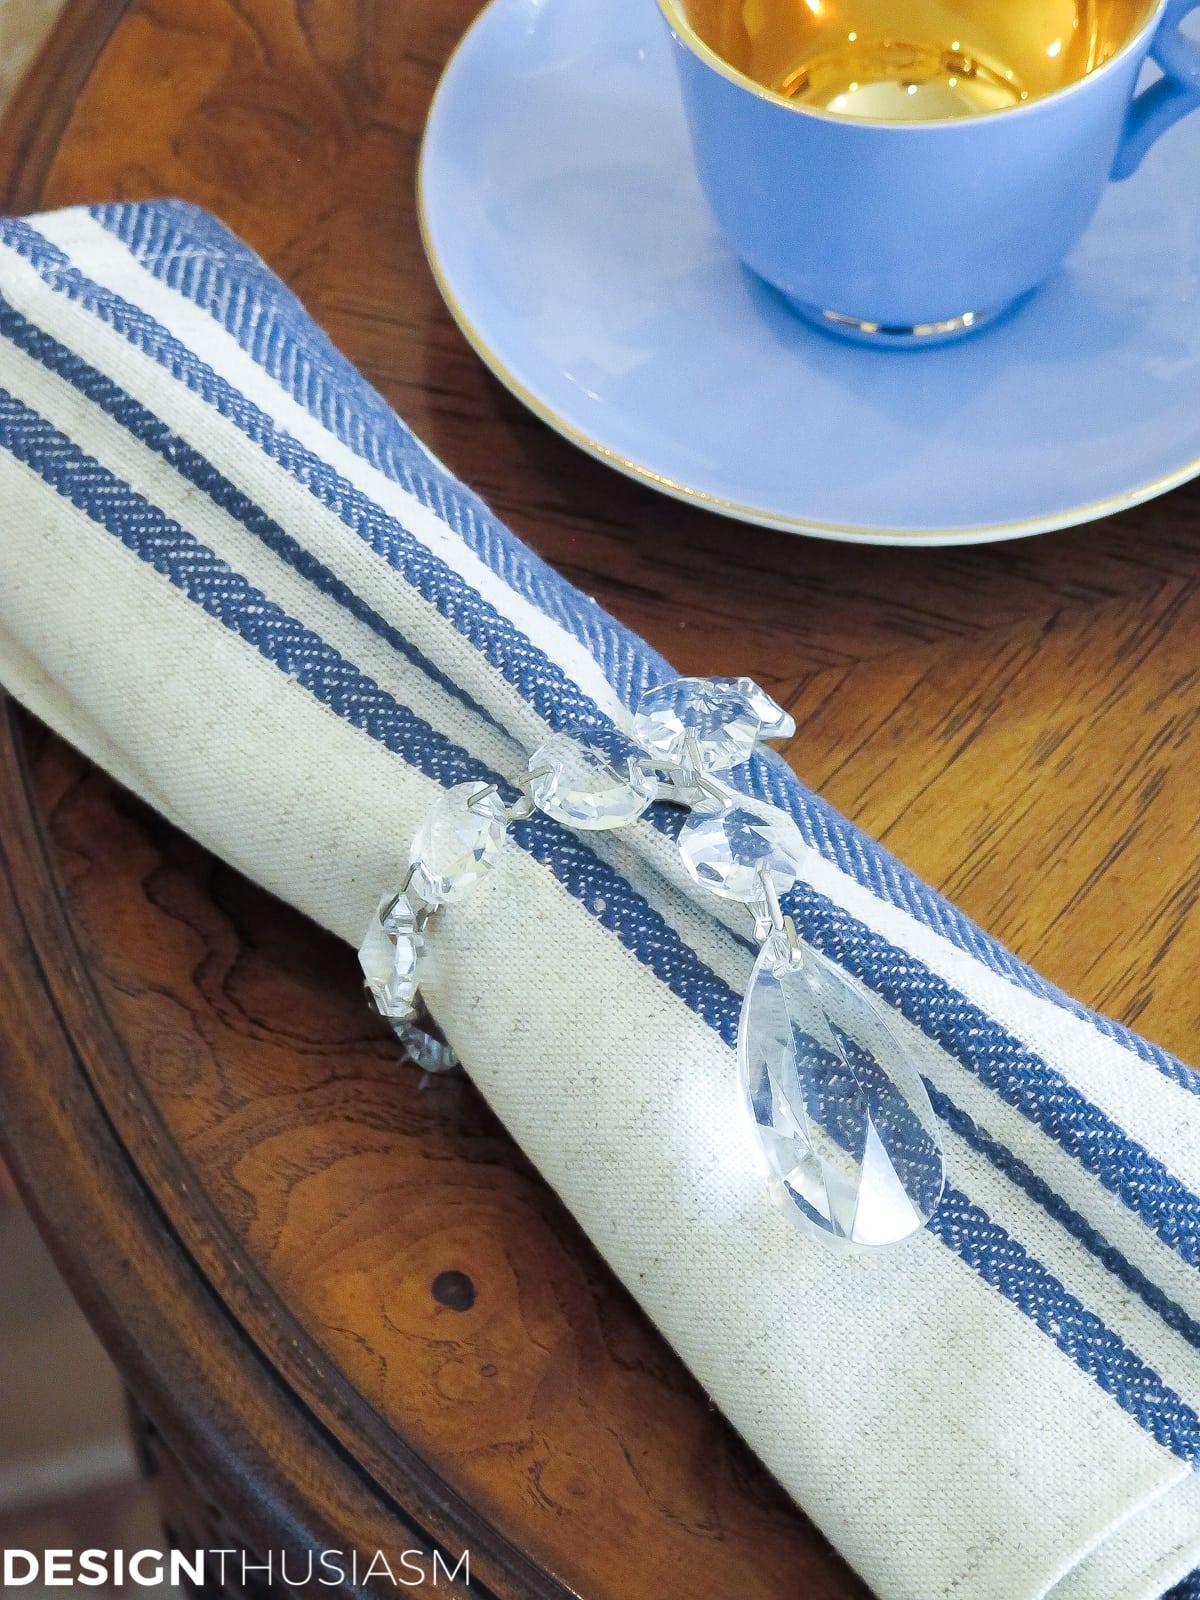 Country French Hanukkah Tea | Designthusiasm.com